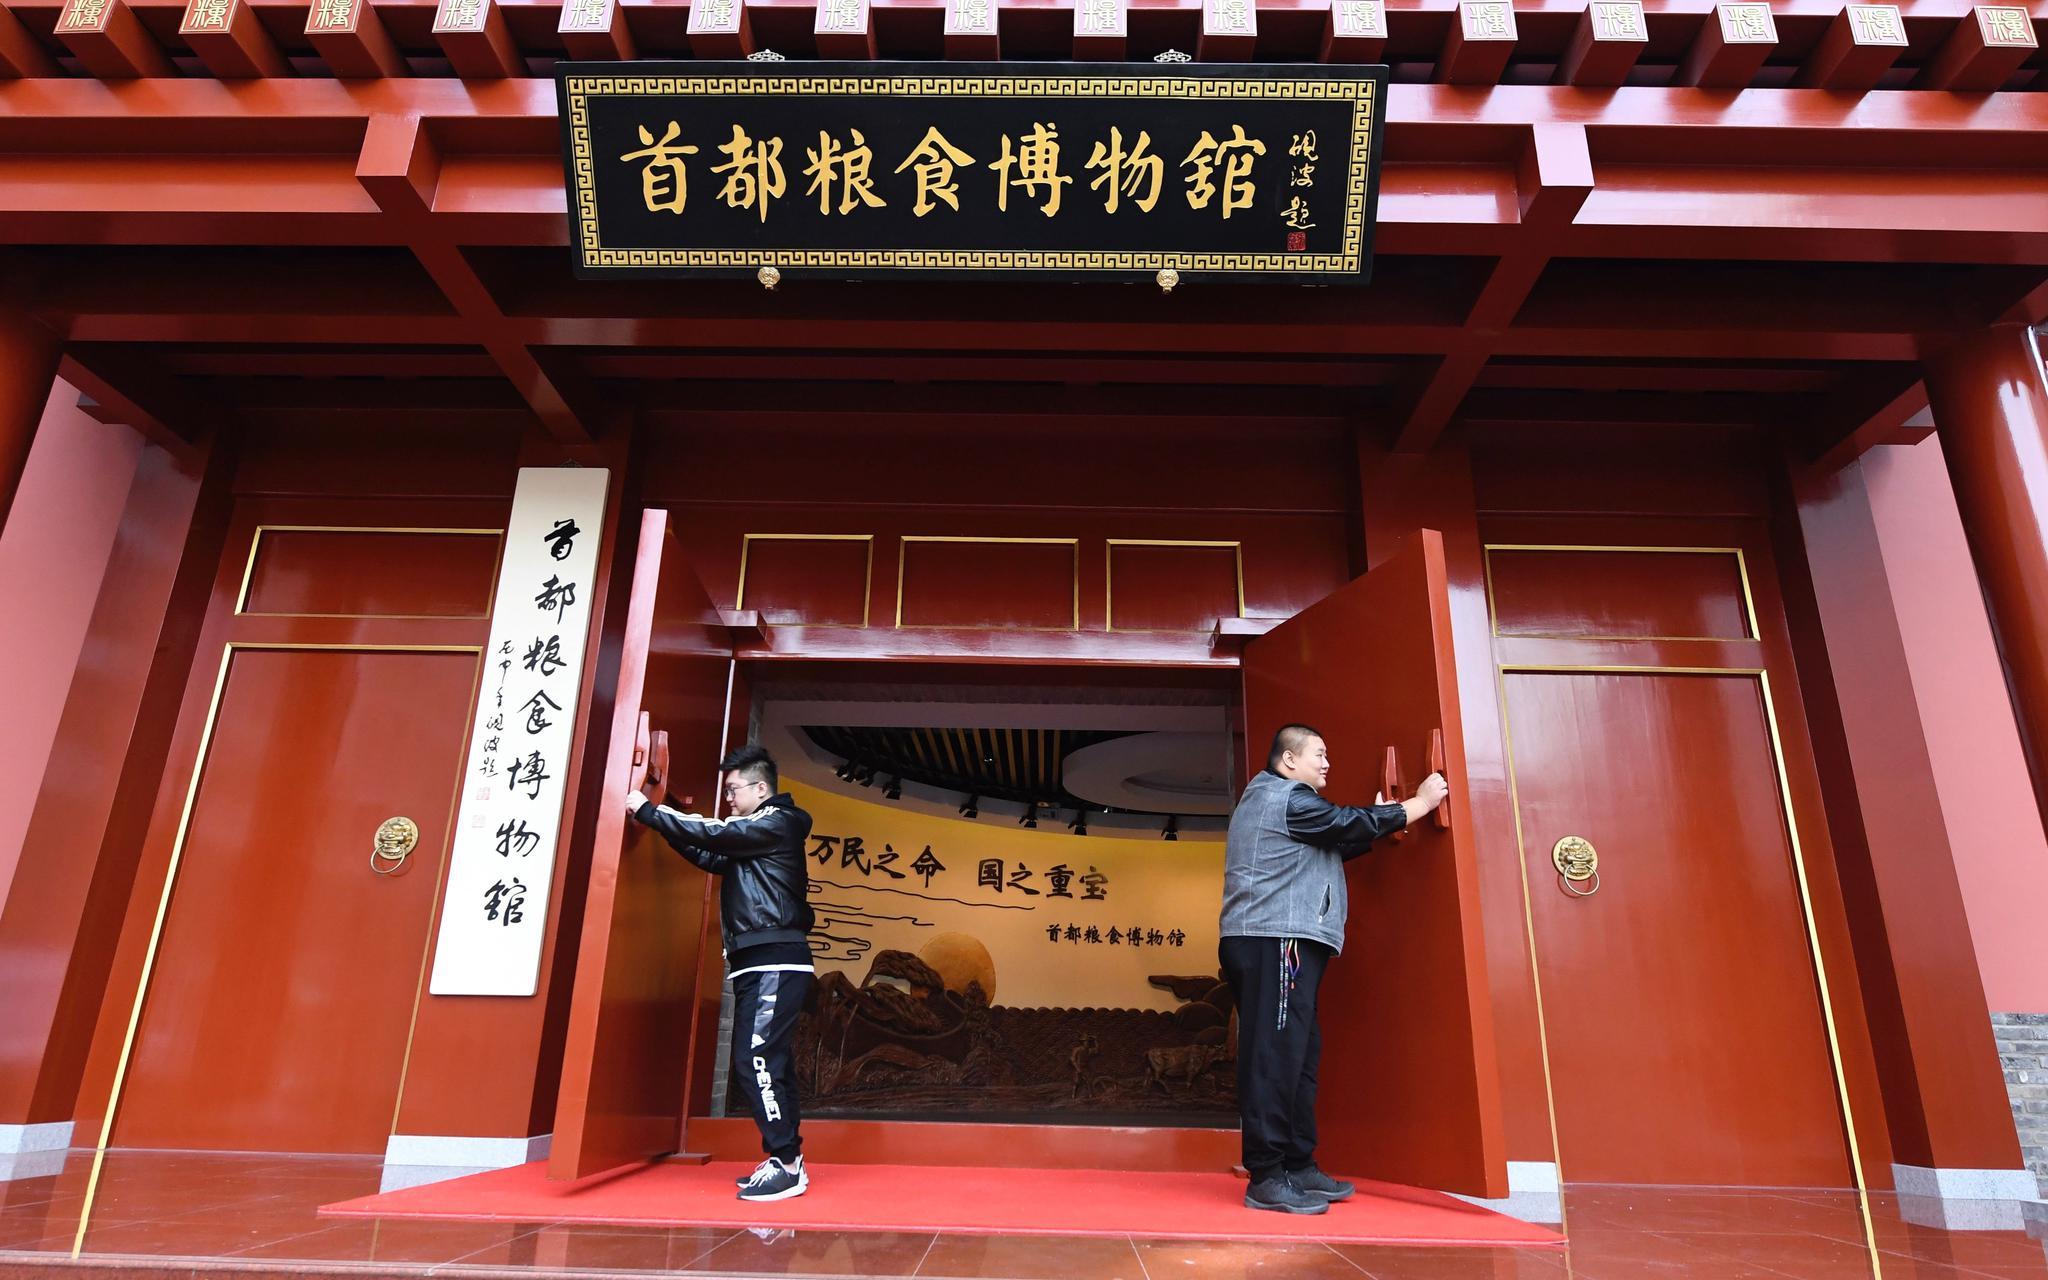 http://www.djpanaaz.com/shehuiwanxiang/281931.html